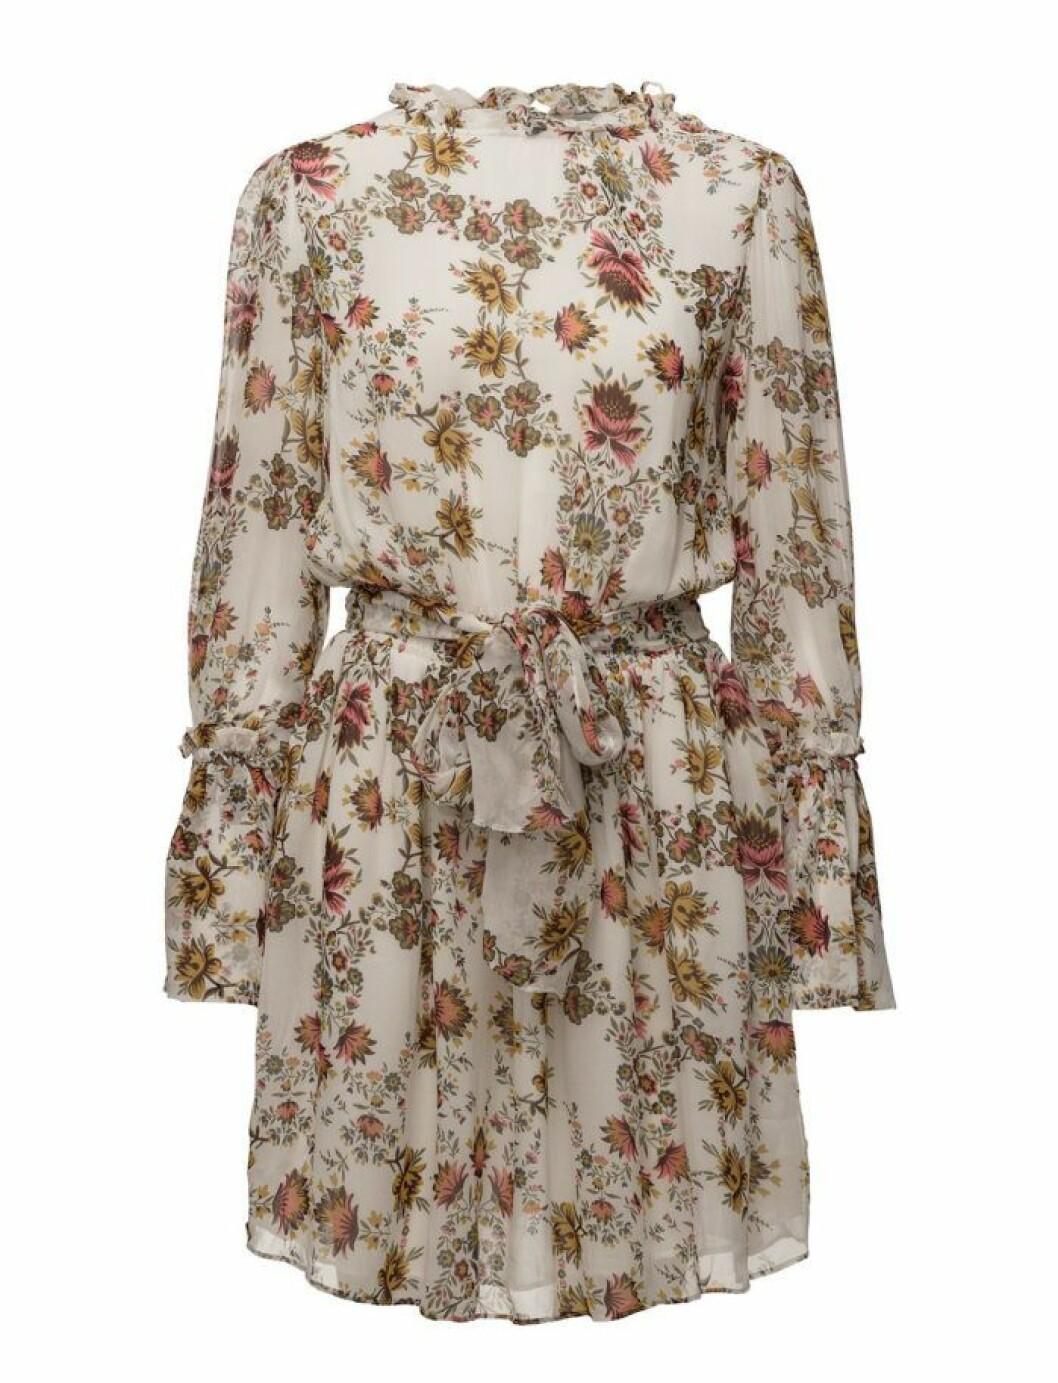 Blommig klänning från Hunky Dory